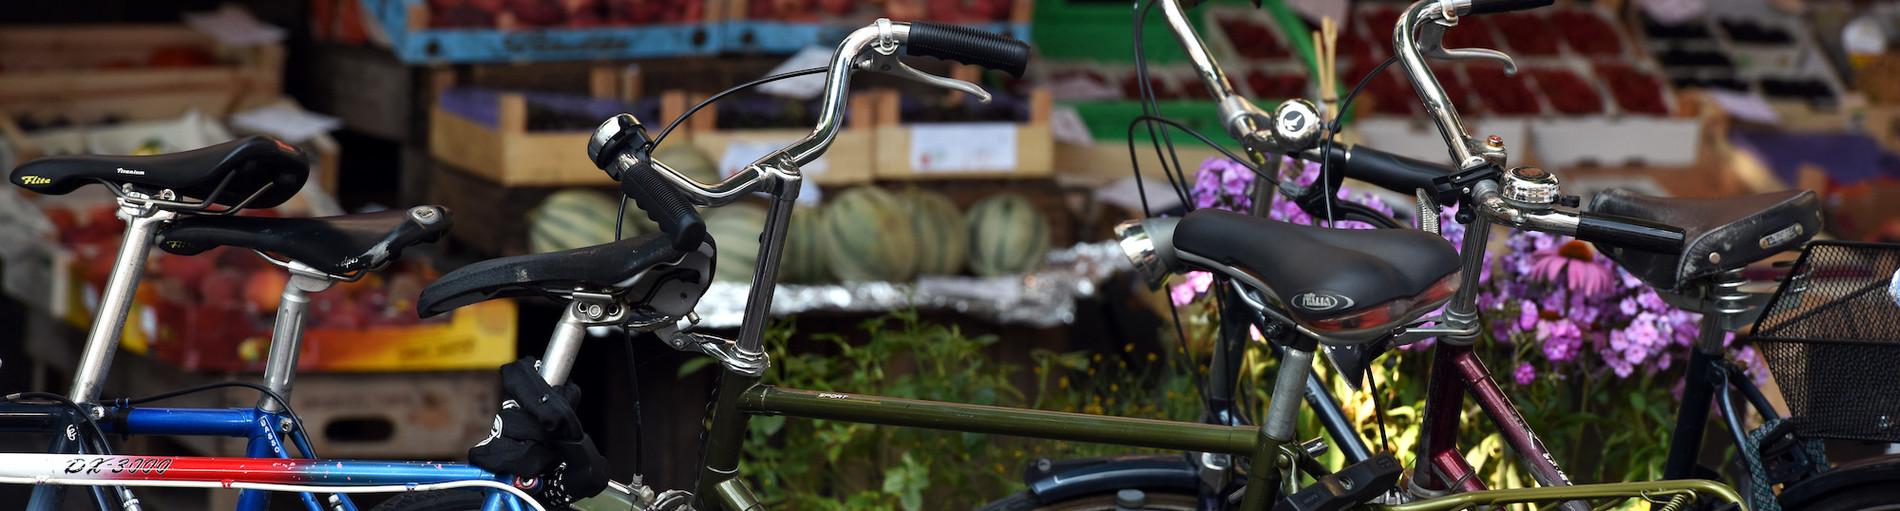 Parkende Fahrräder, im Hintergrund ein Obst- und Gemüsegeschäft mit Warenkörben vor dem Fenster.